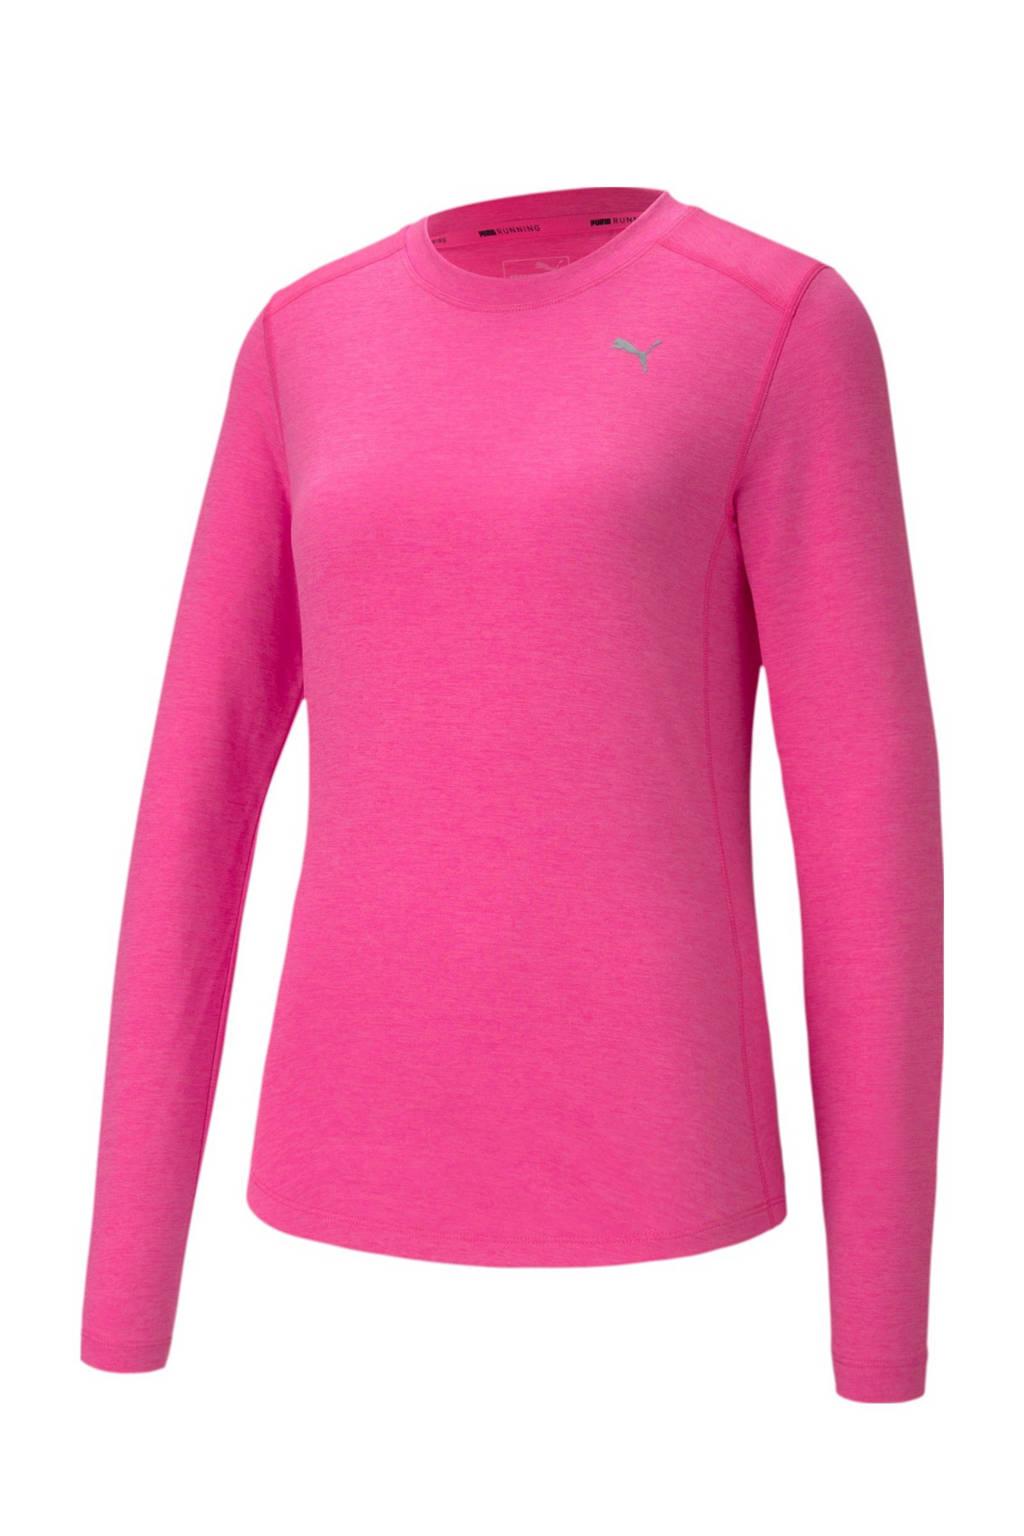 Puma hardloopshirt roze, Roze